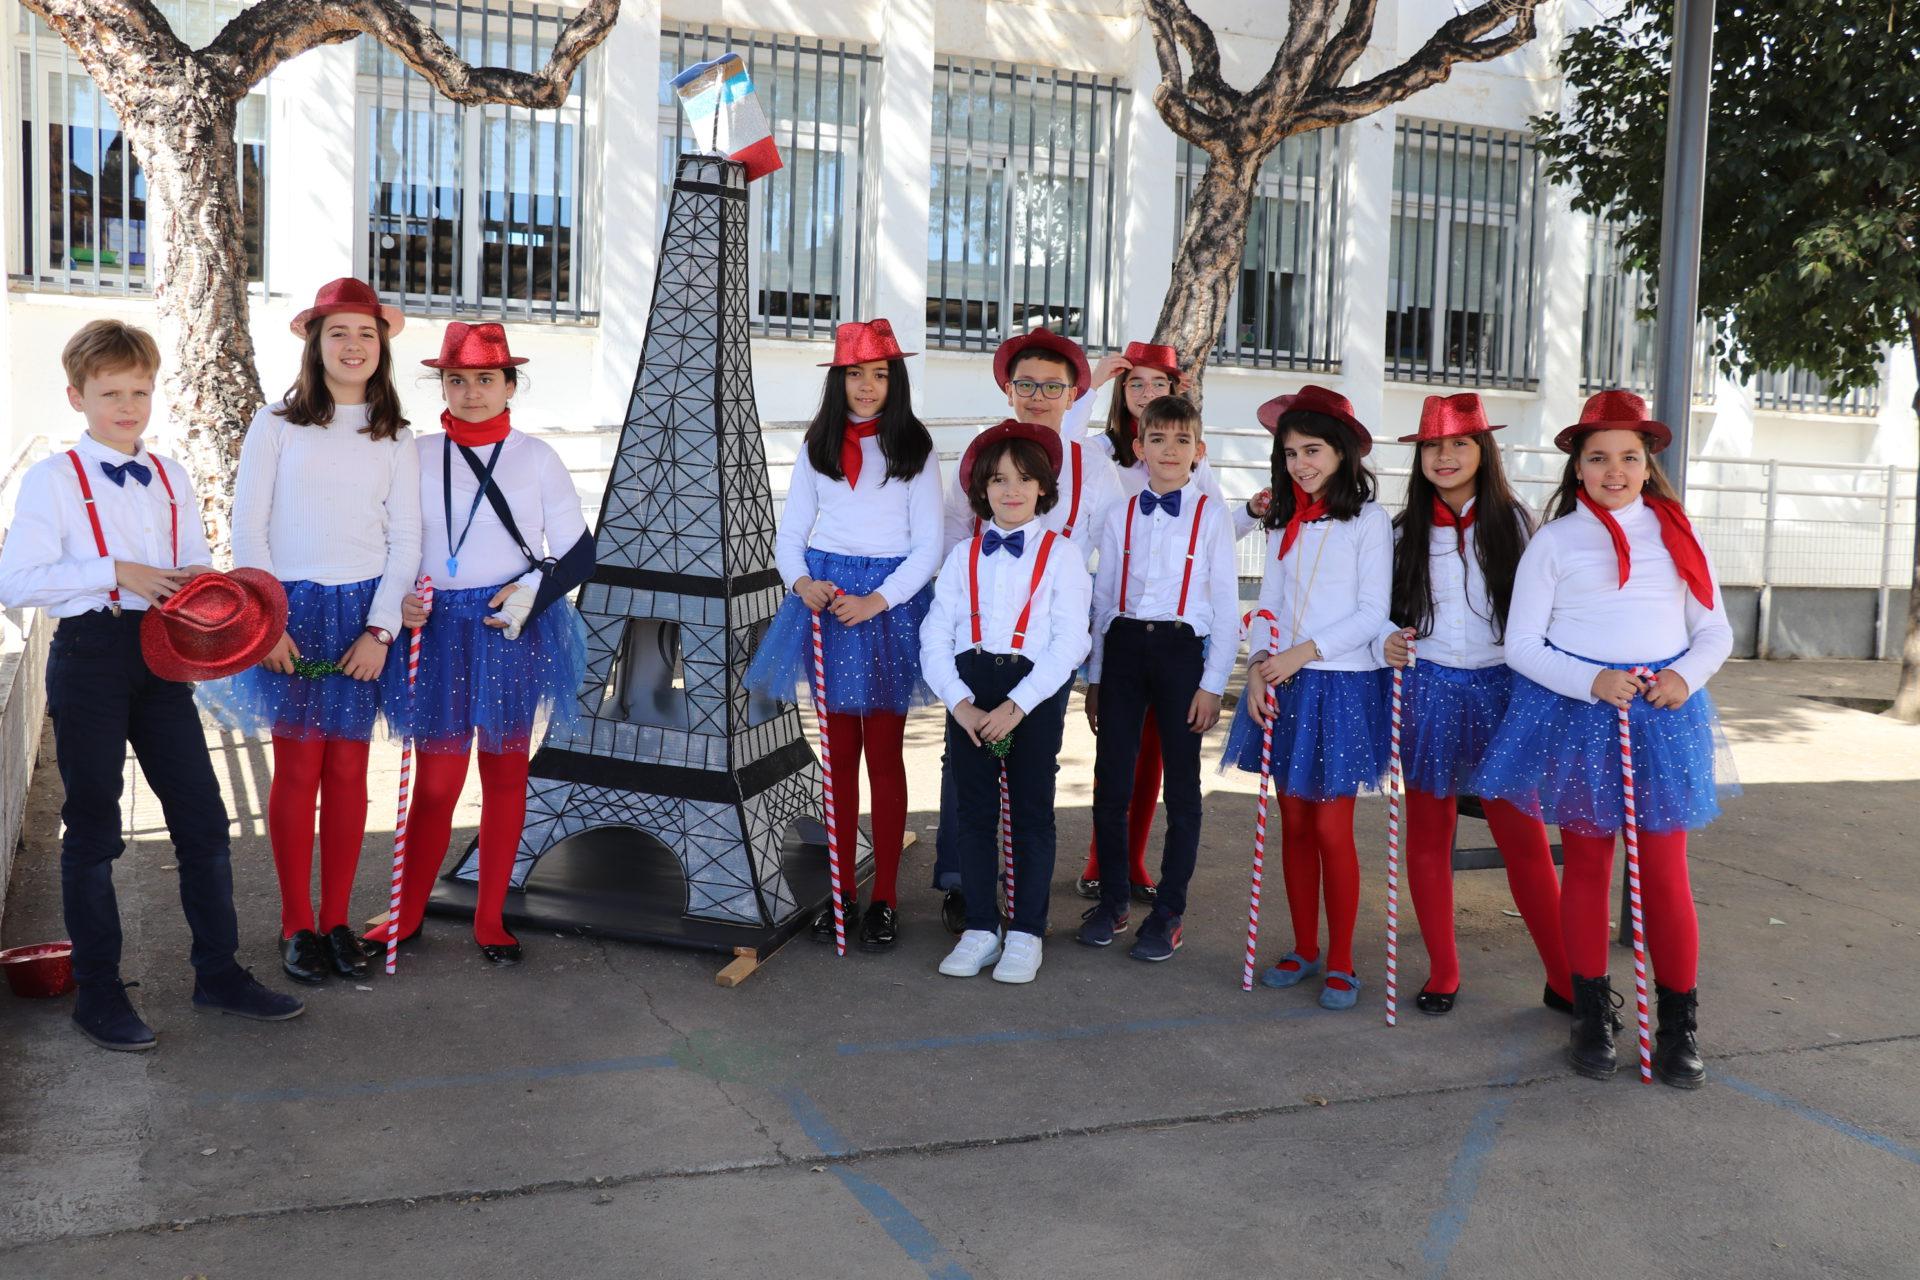 El CEIP Virgen del Pilar da la vuelta al mundo en su carnaval